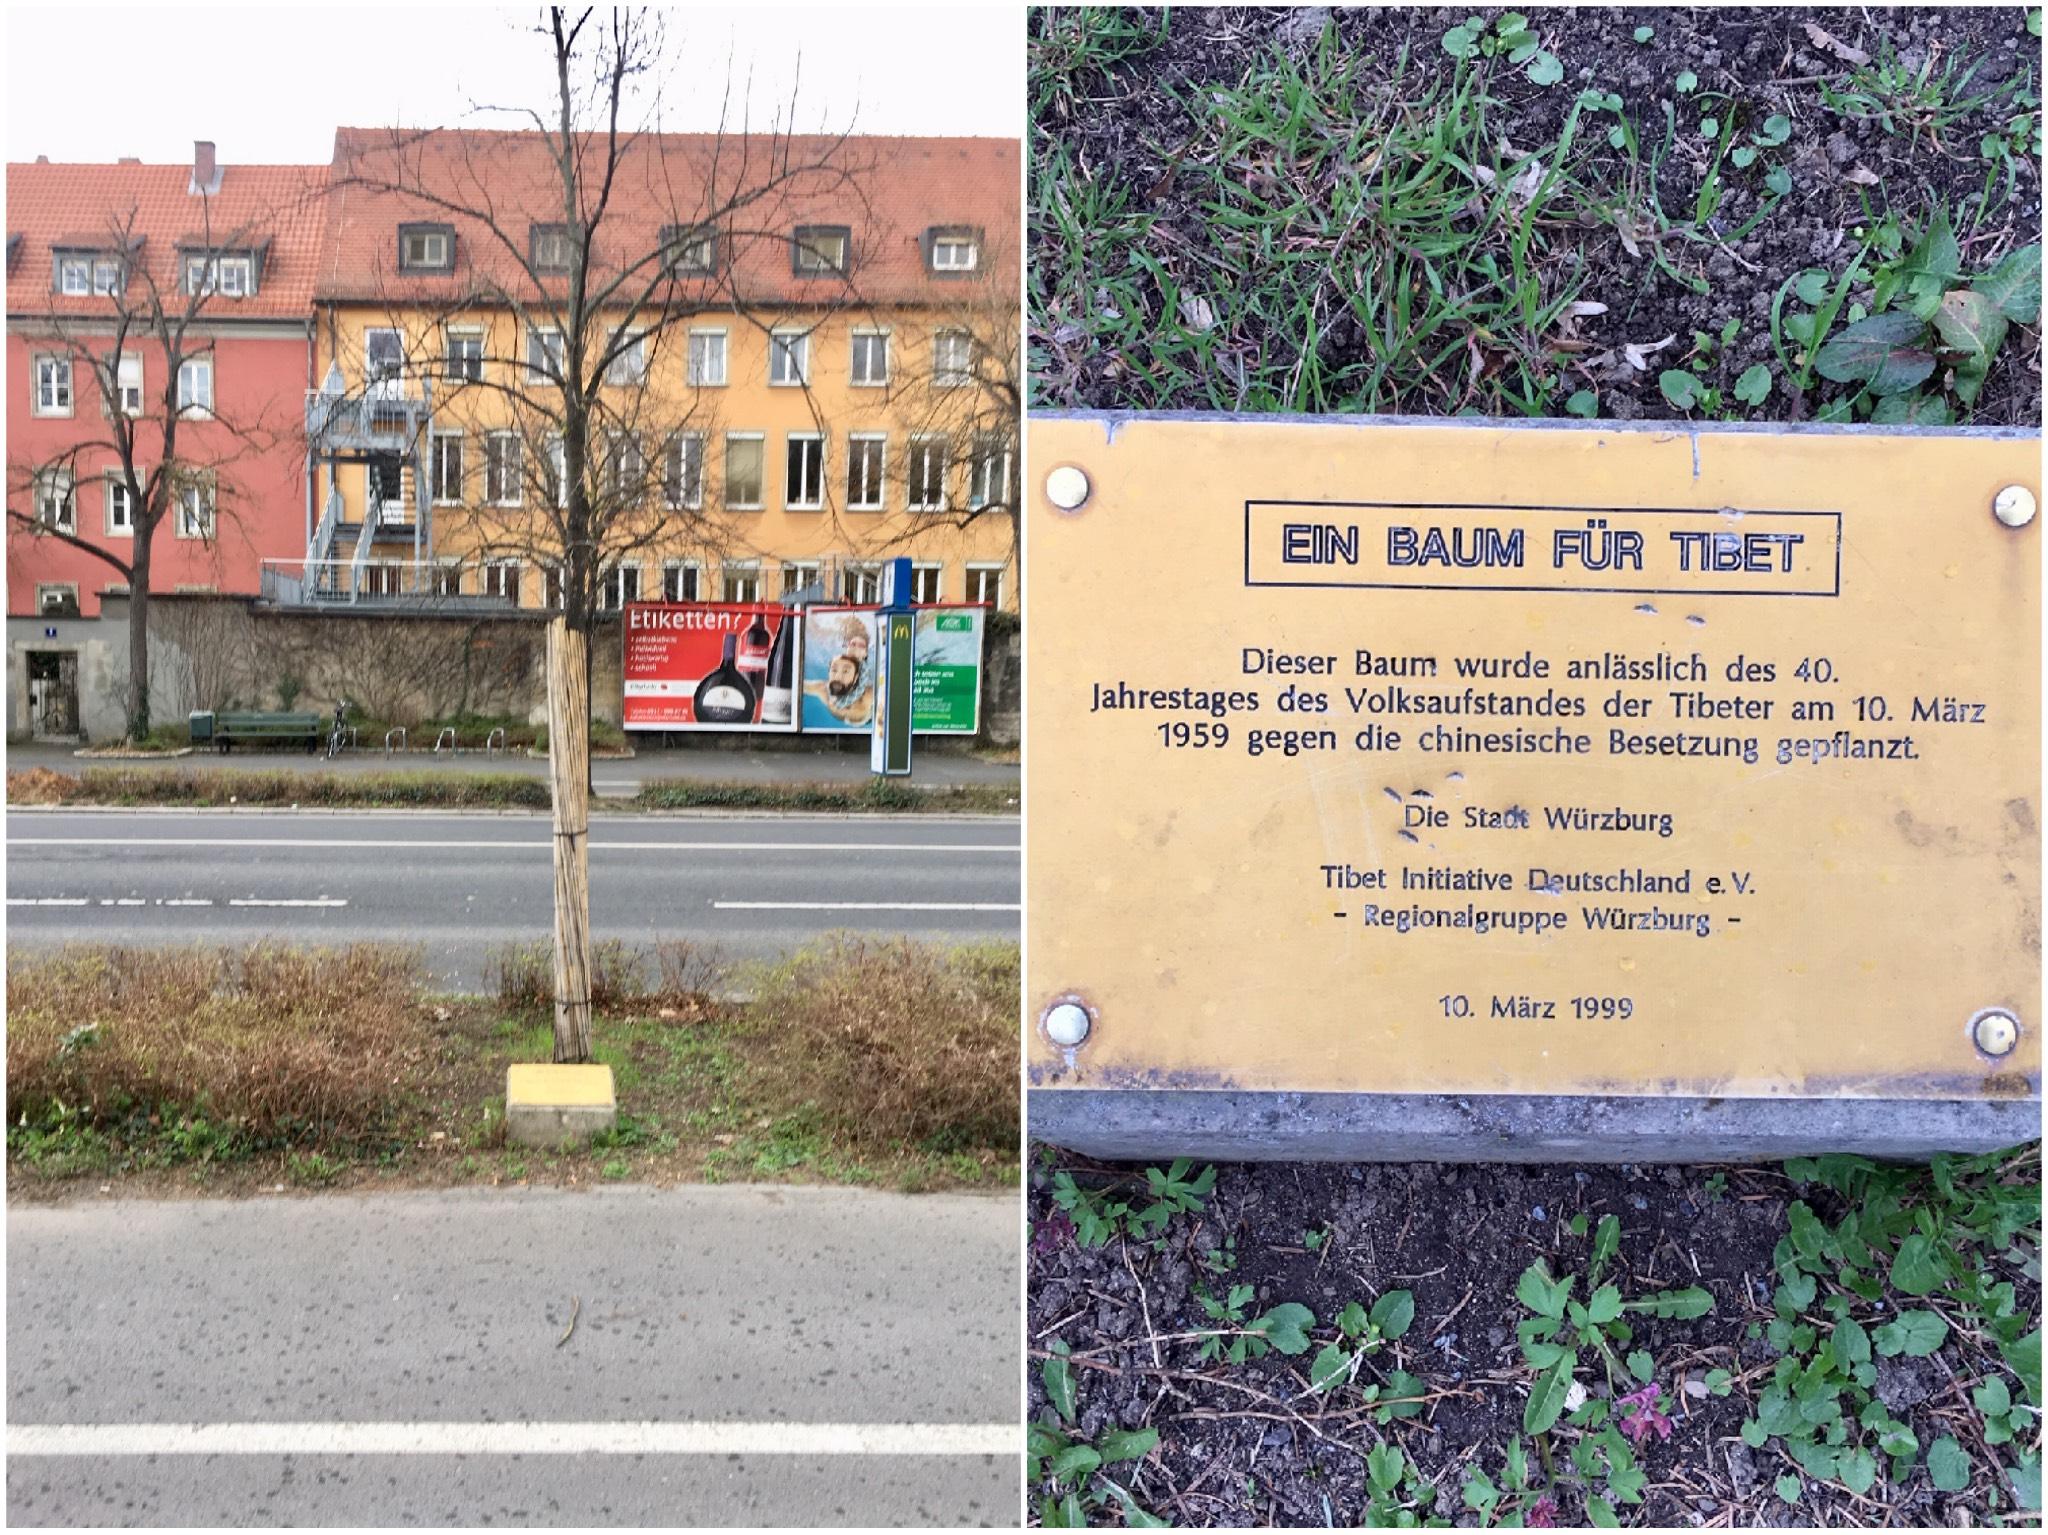 Der Tibetische Freundschaftsbaum in Würzburg. Fotos: Würzburg erleben